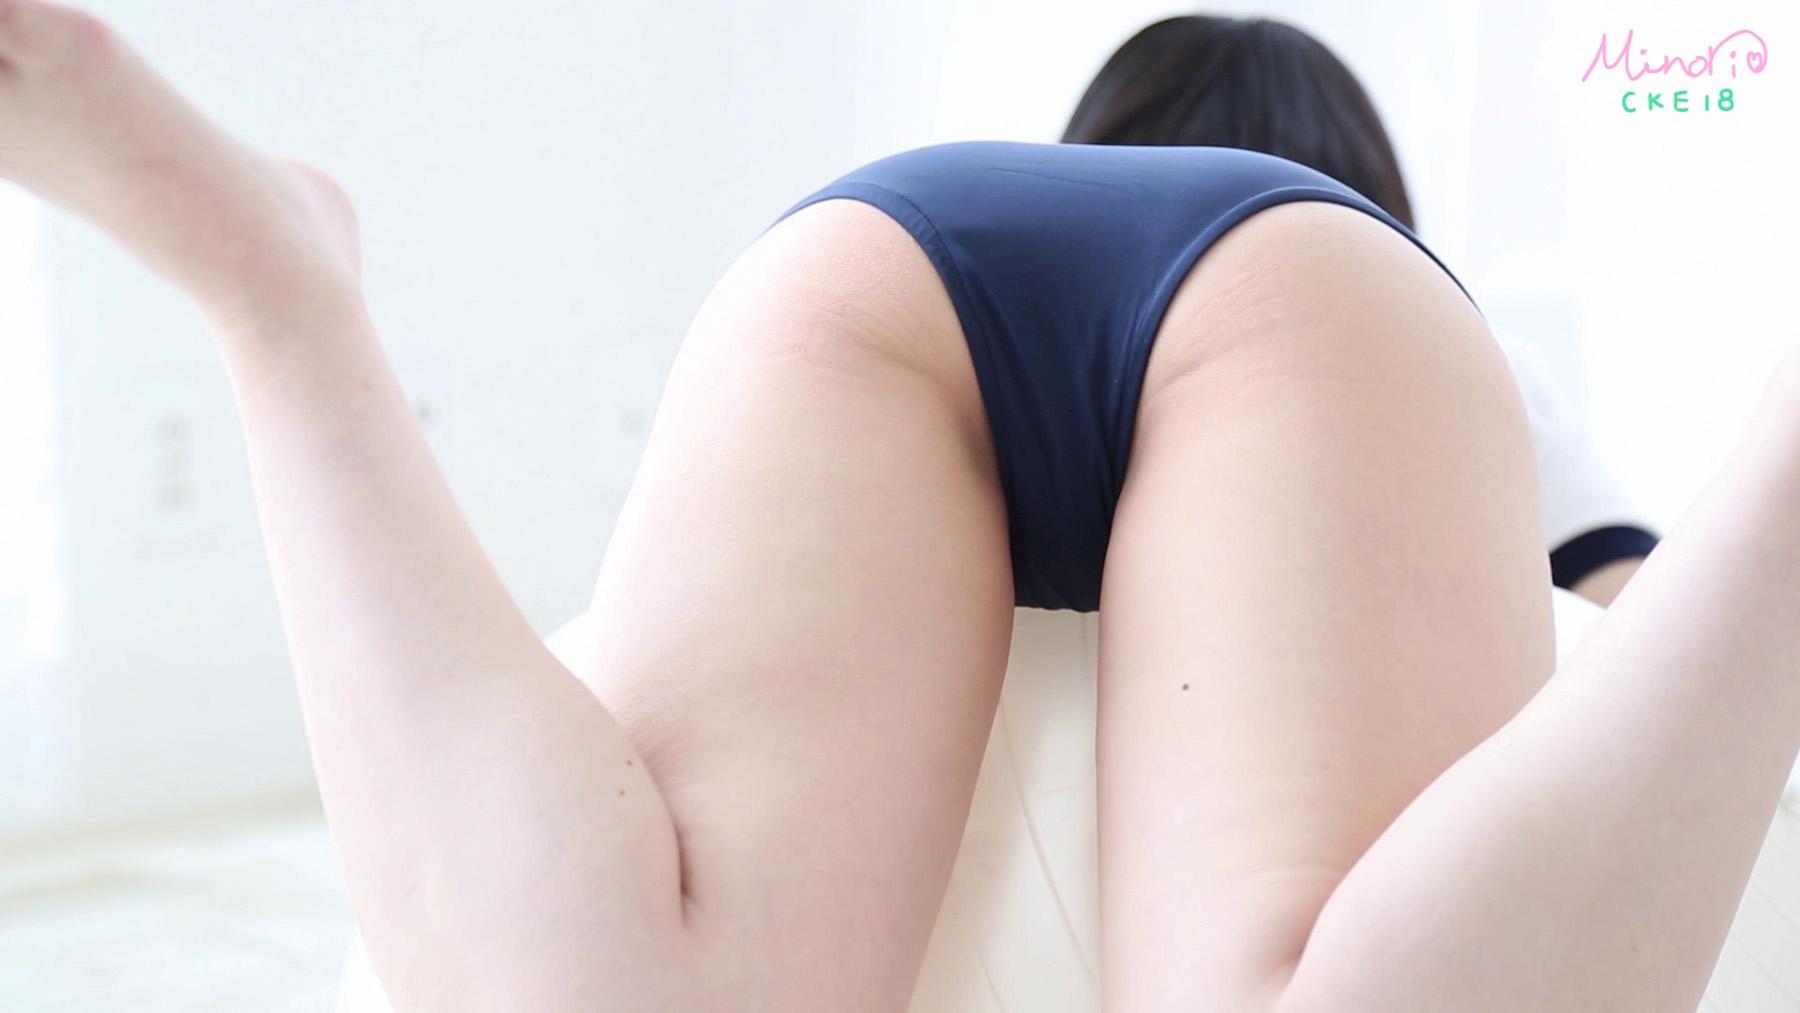 Teen Big Ass Yoga Pants